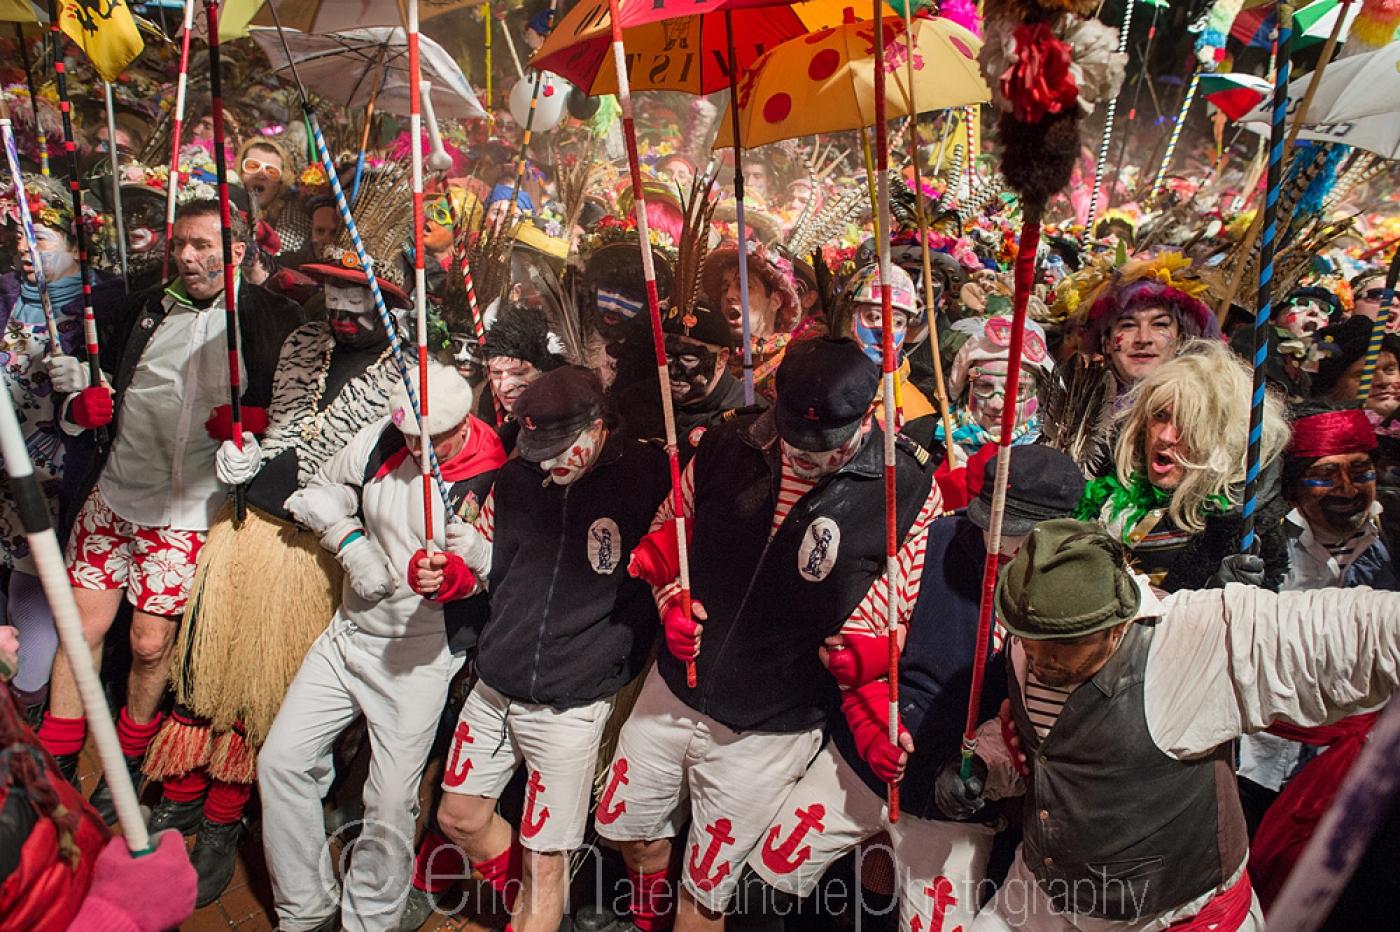 https://www.ericmalemanche.com/imagess/topics/carnaval-de-dunkerque/liste/Carnaval-Dunkerque-6519.jpg